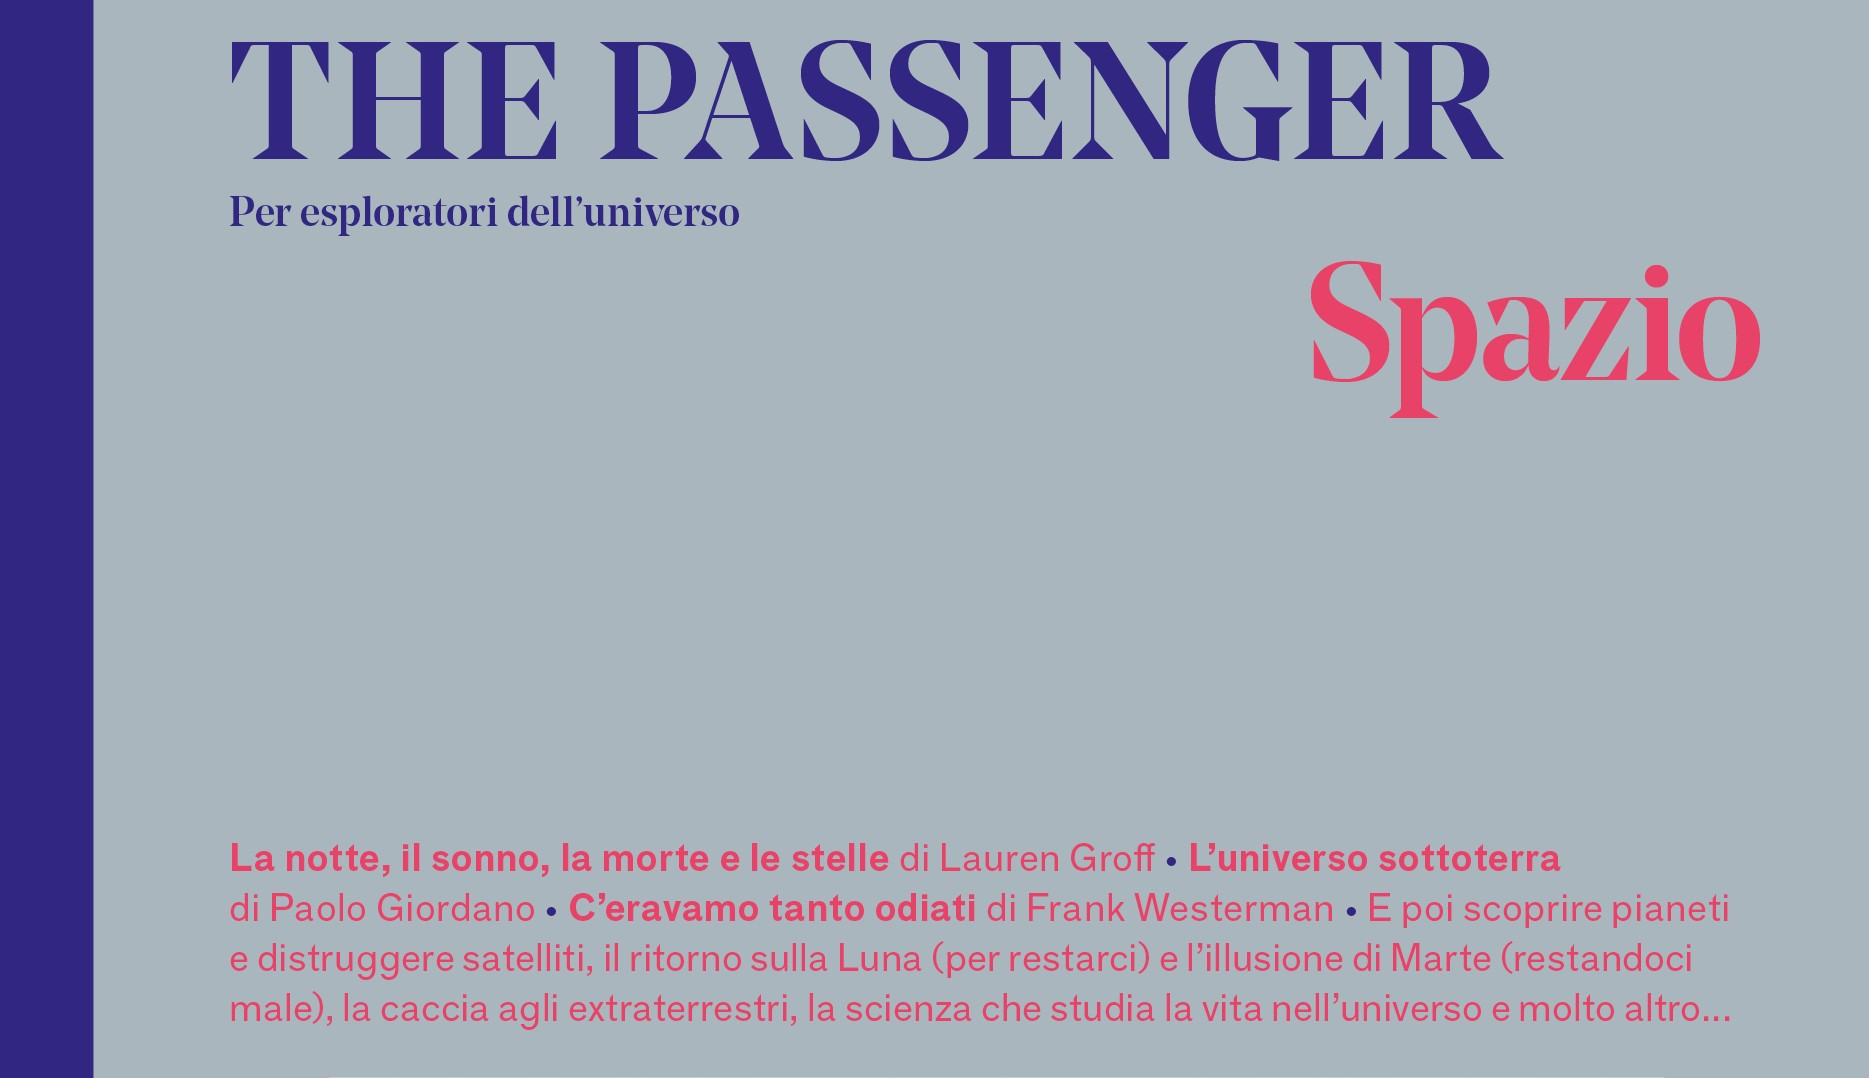 The Passenger - Spazio. Credits: Iperborea